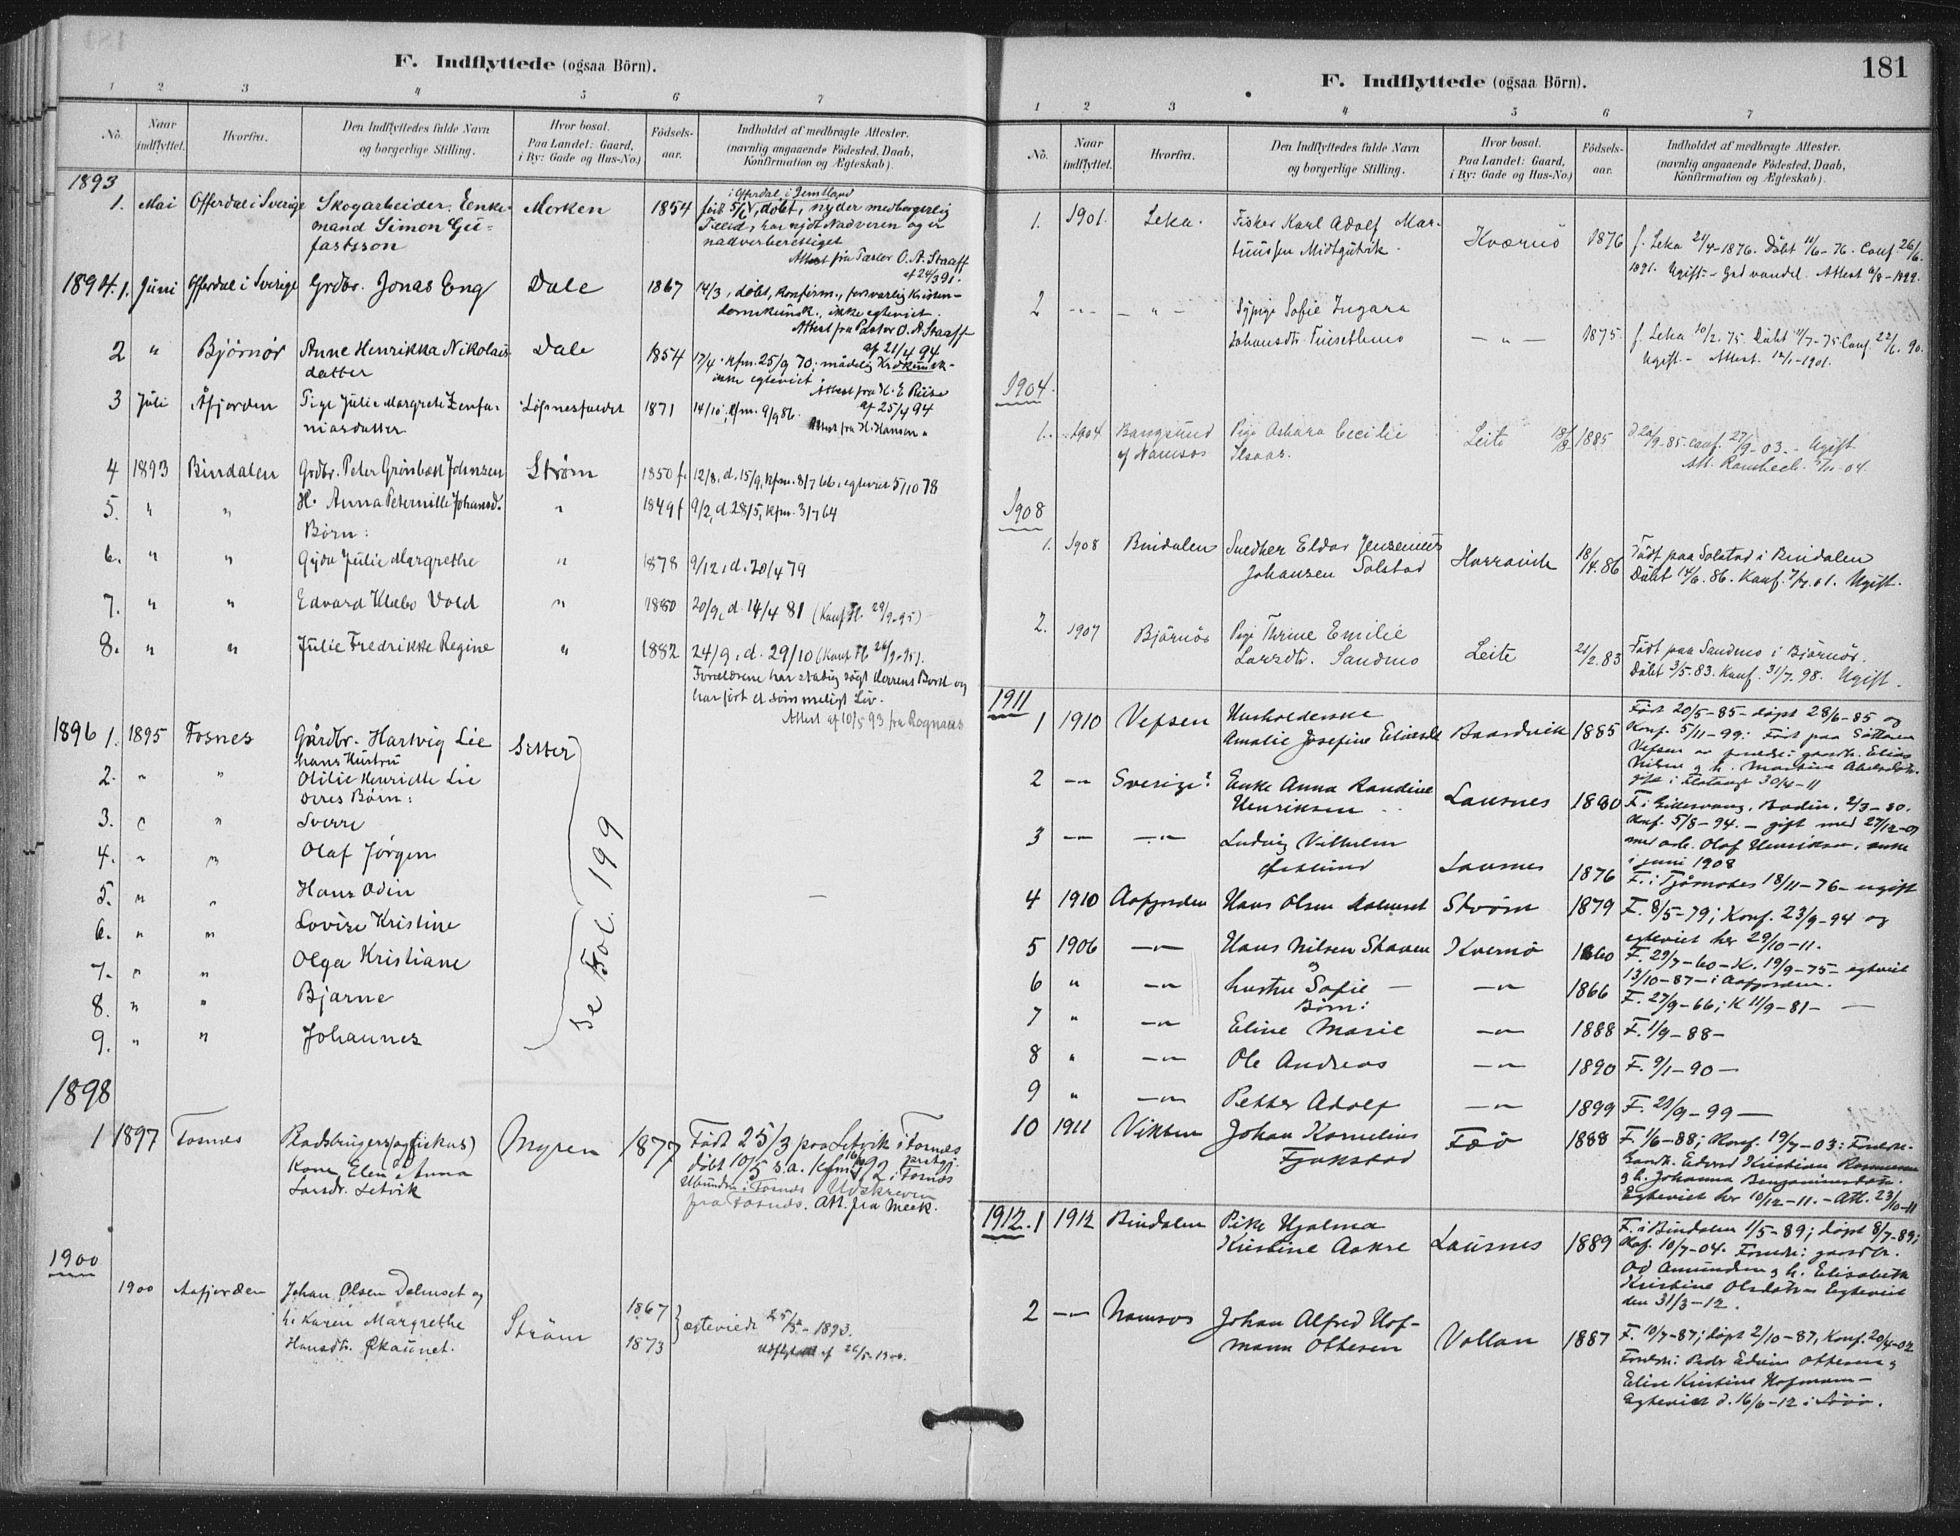 SAT, Ministerialprotokoller, klokkerbøker og fødselsregistre - Nord-Trøndelag, 772/L0603: Ministerialbok nr. 772A01, 1885-1912, s. 181